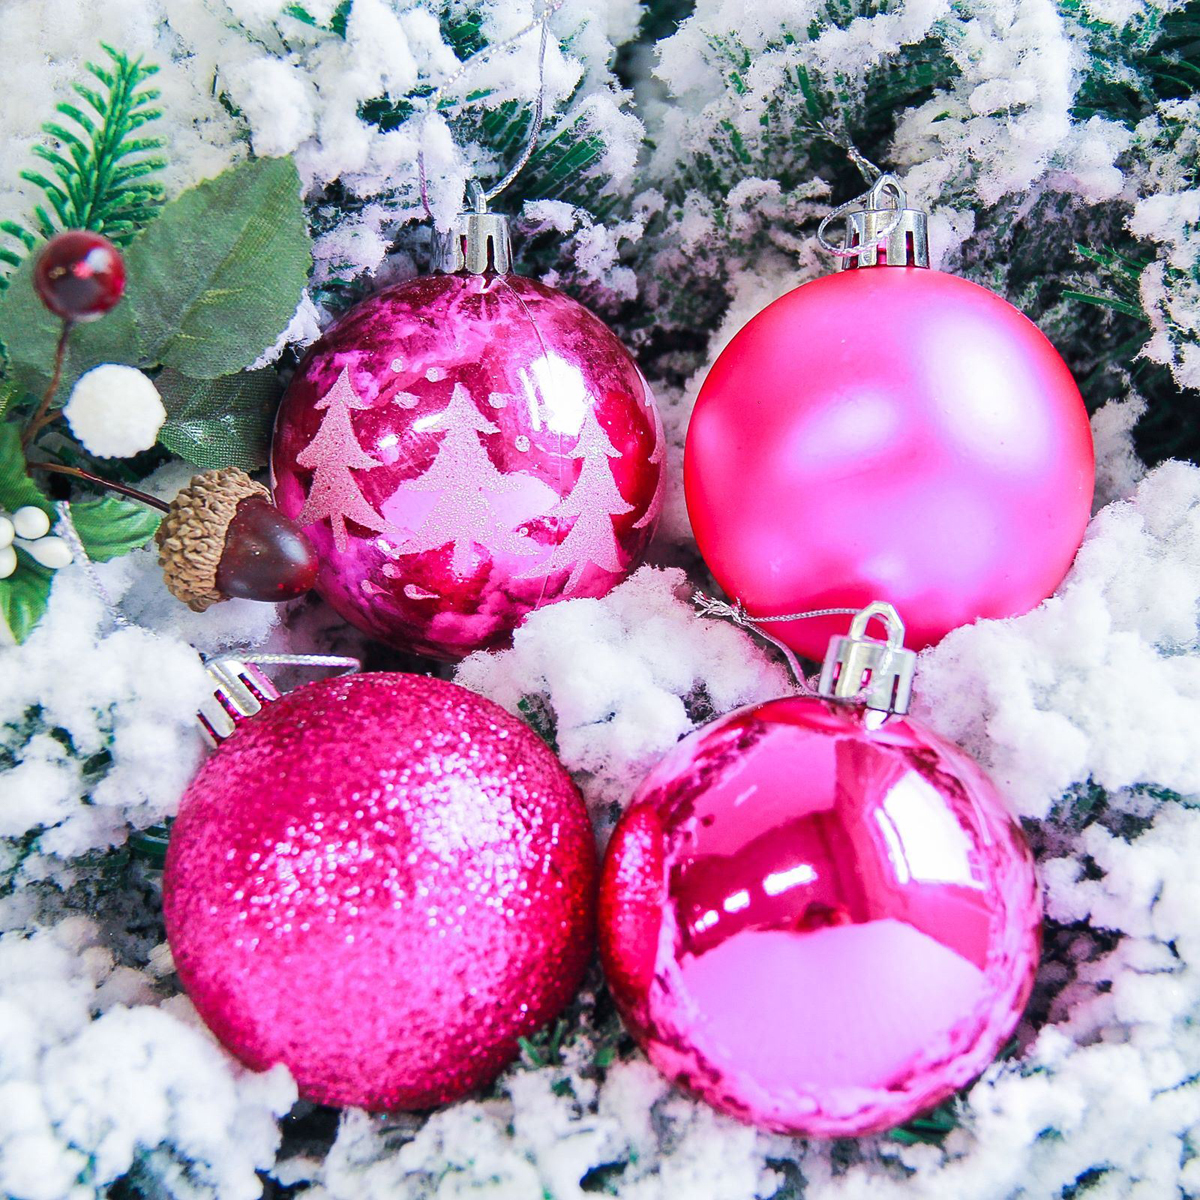 Набор новогодних подвесных украшений Sima-land Грациозо, цвет: малиновый, диаметр 6 см, 16 шт2178251Невозможно представить нашу жизнь без праздников! Мы всегда ждём их и предвкушаем, обдумываем, как проведём памятный день, тщательно выбираем подарки и аксессуары, ведь именно они создают и поддерживают торжественный настрой.